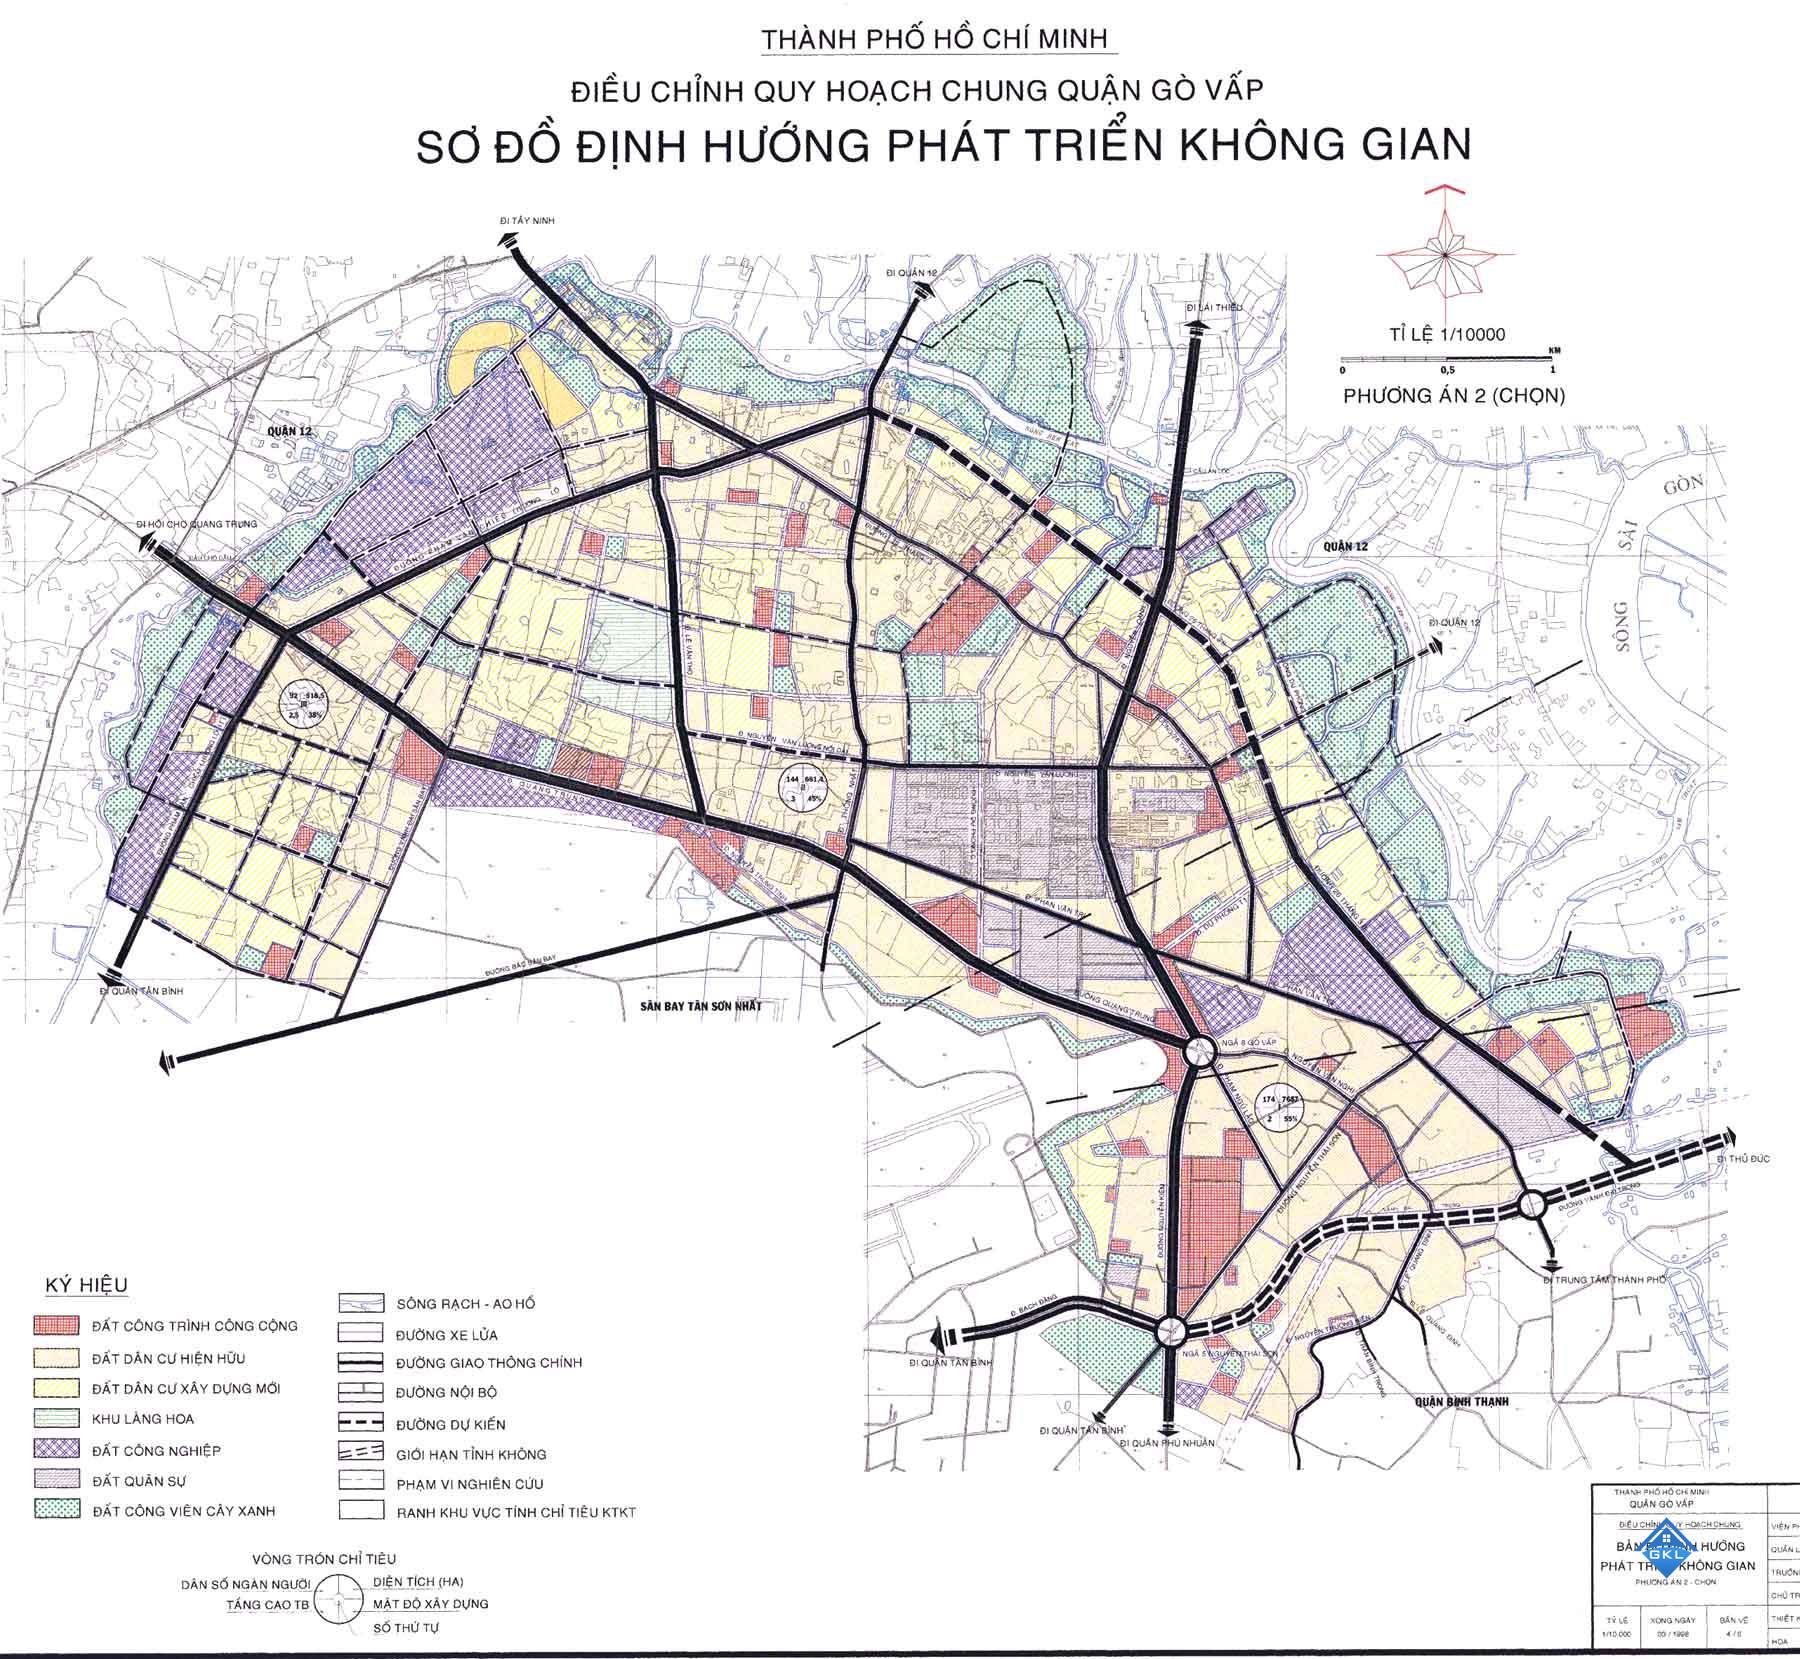 Quy hoạch chung quận Gò Vấp đến năm 2020